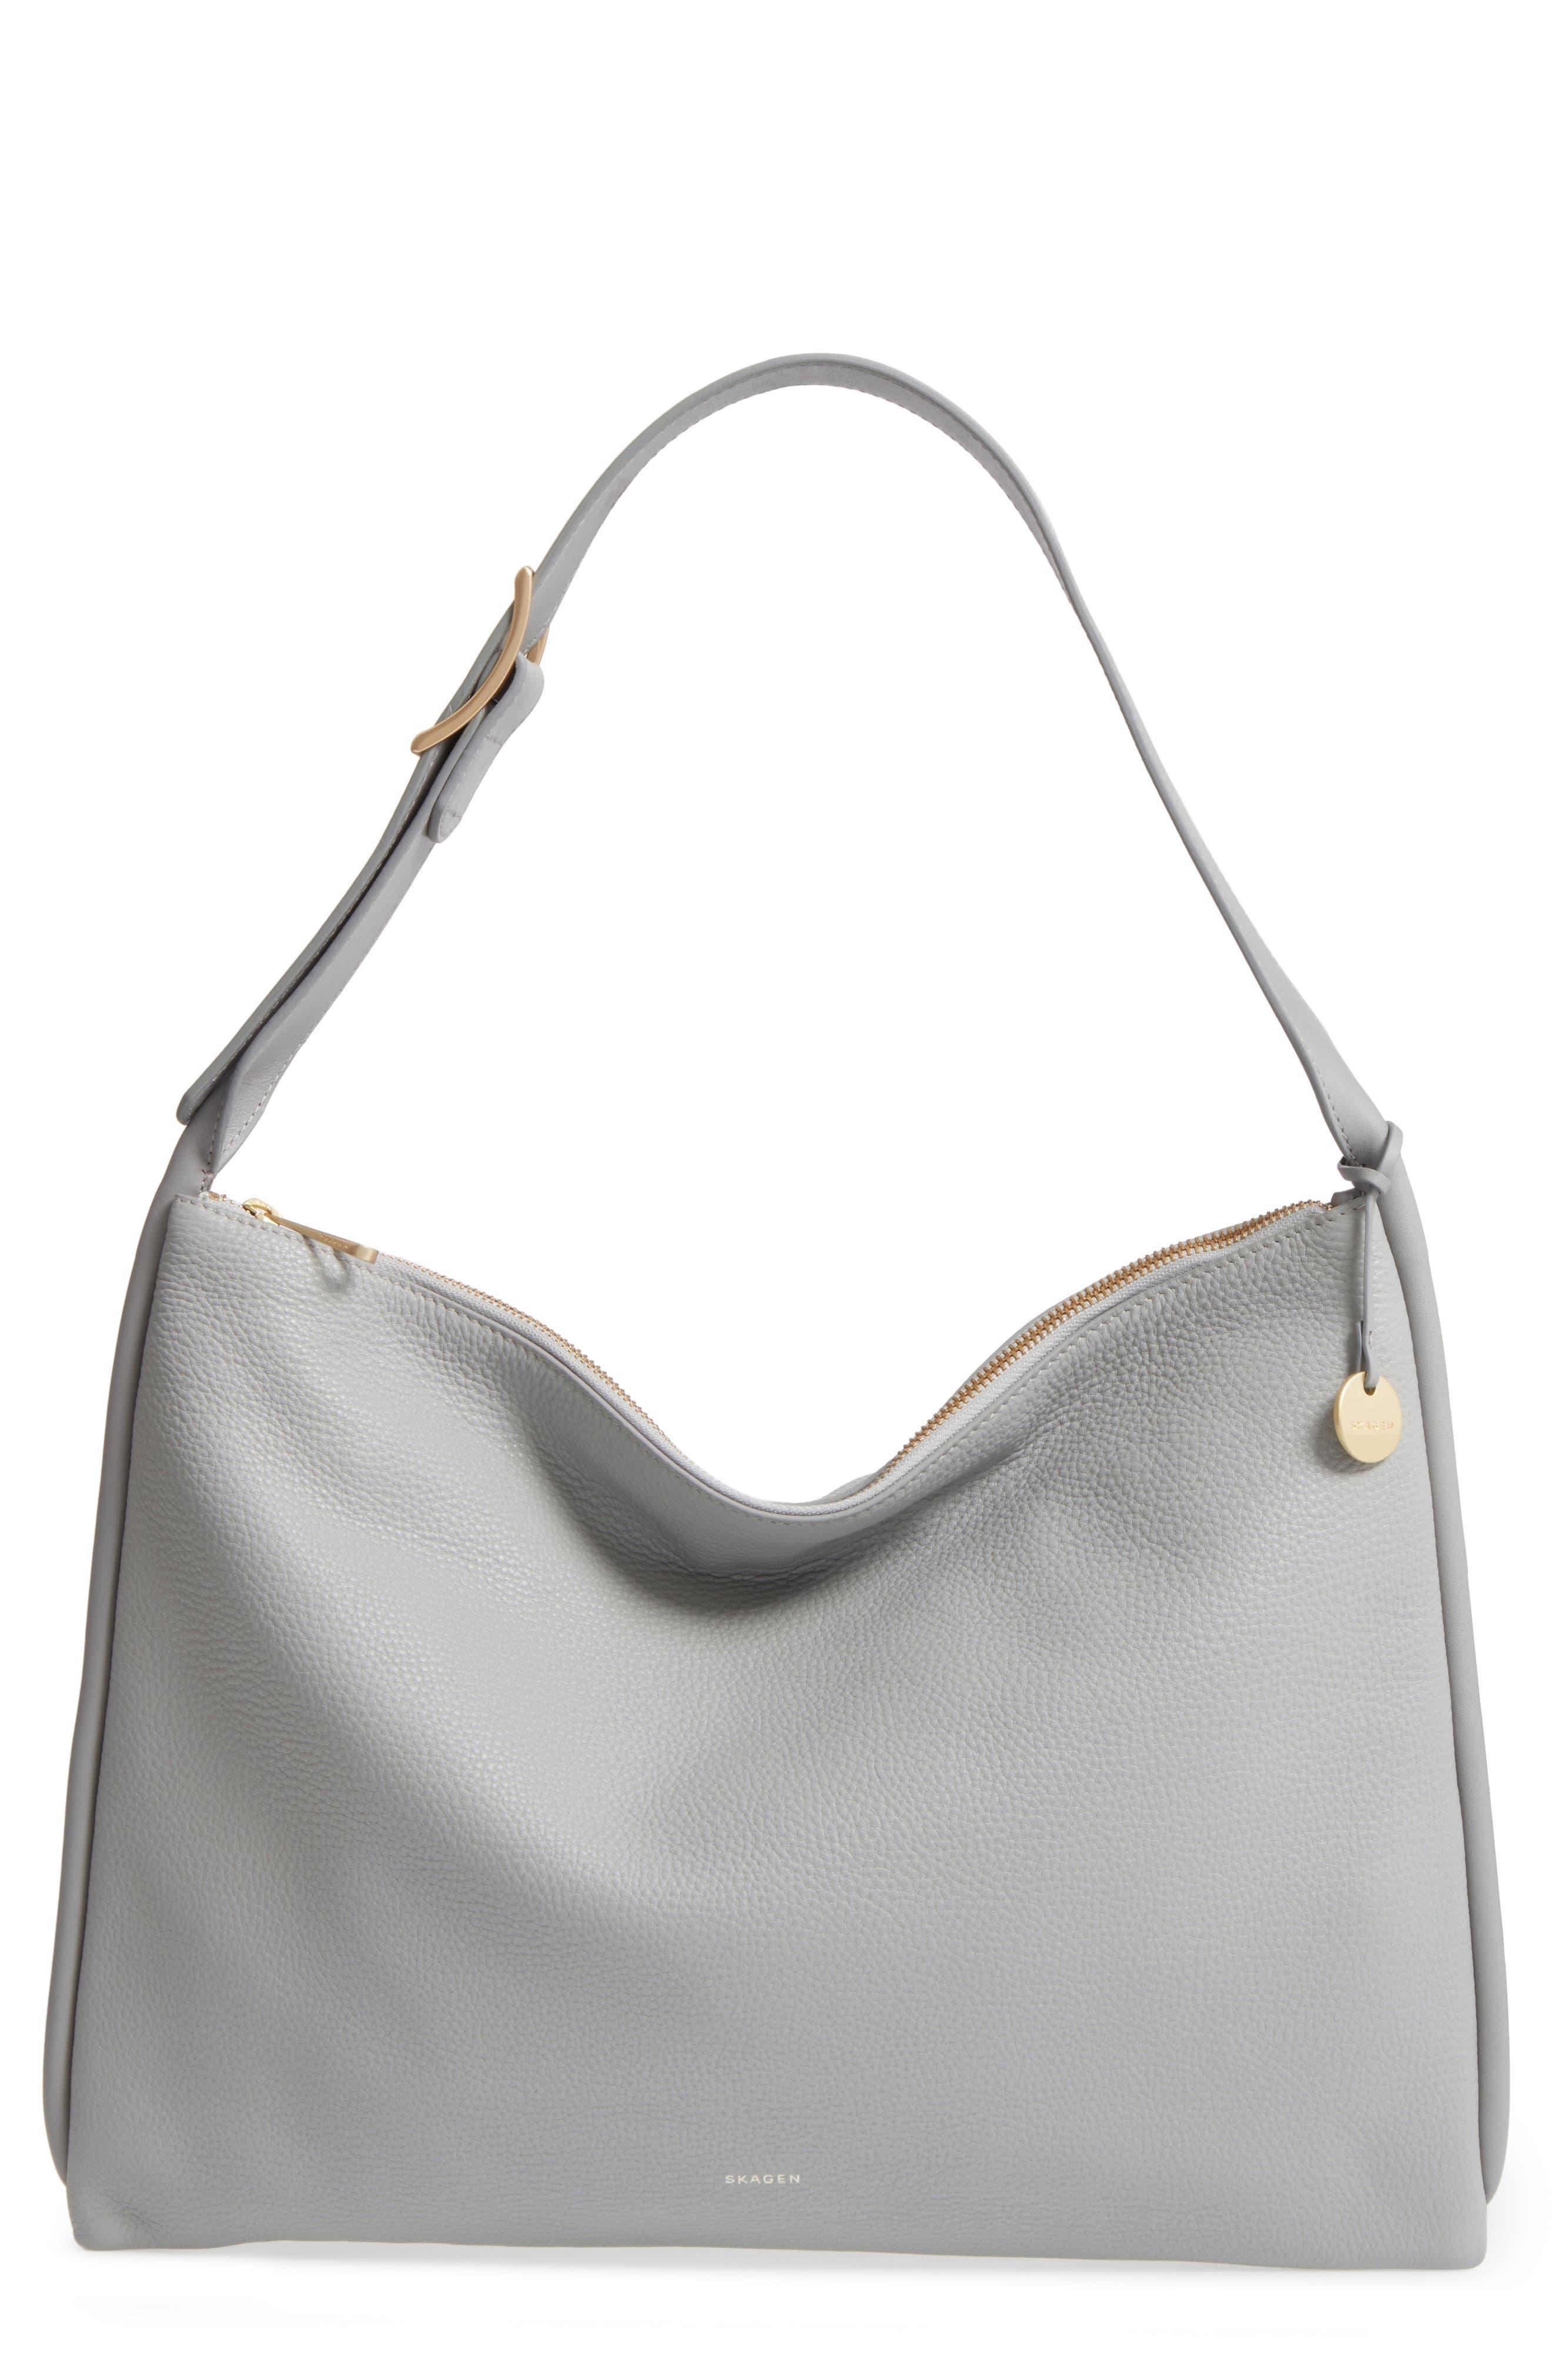 Anesa Leather Shoulder Bag,                         Main,                         color, Light Ash